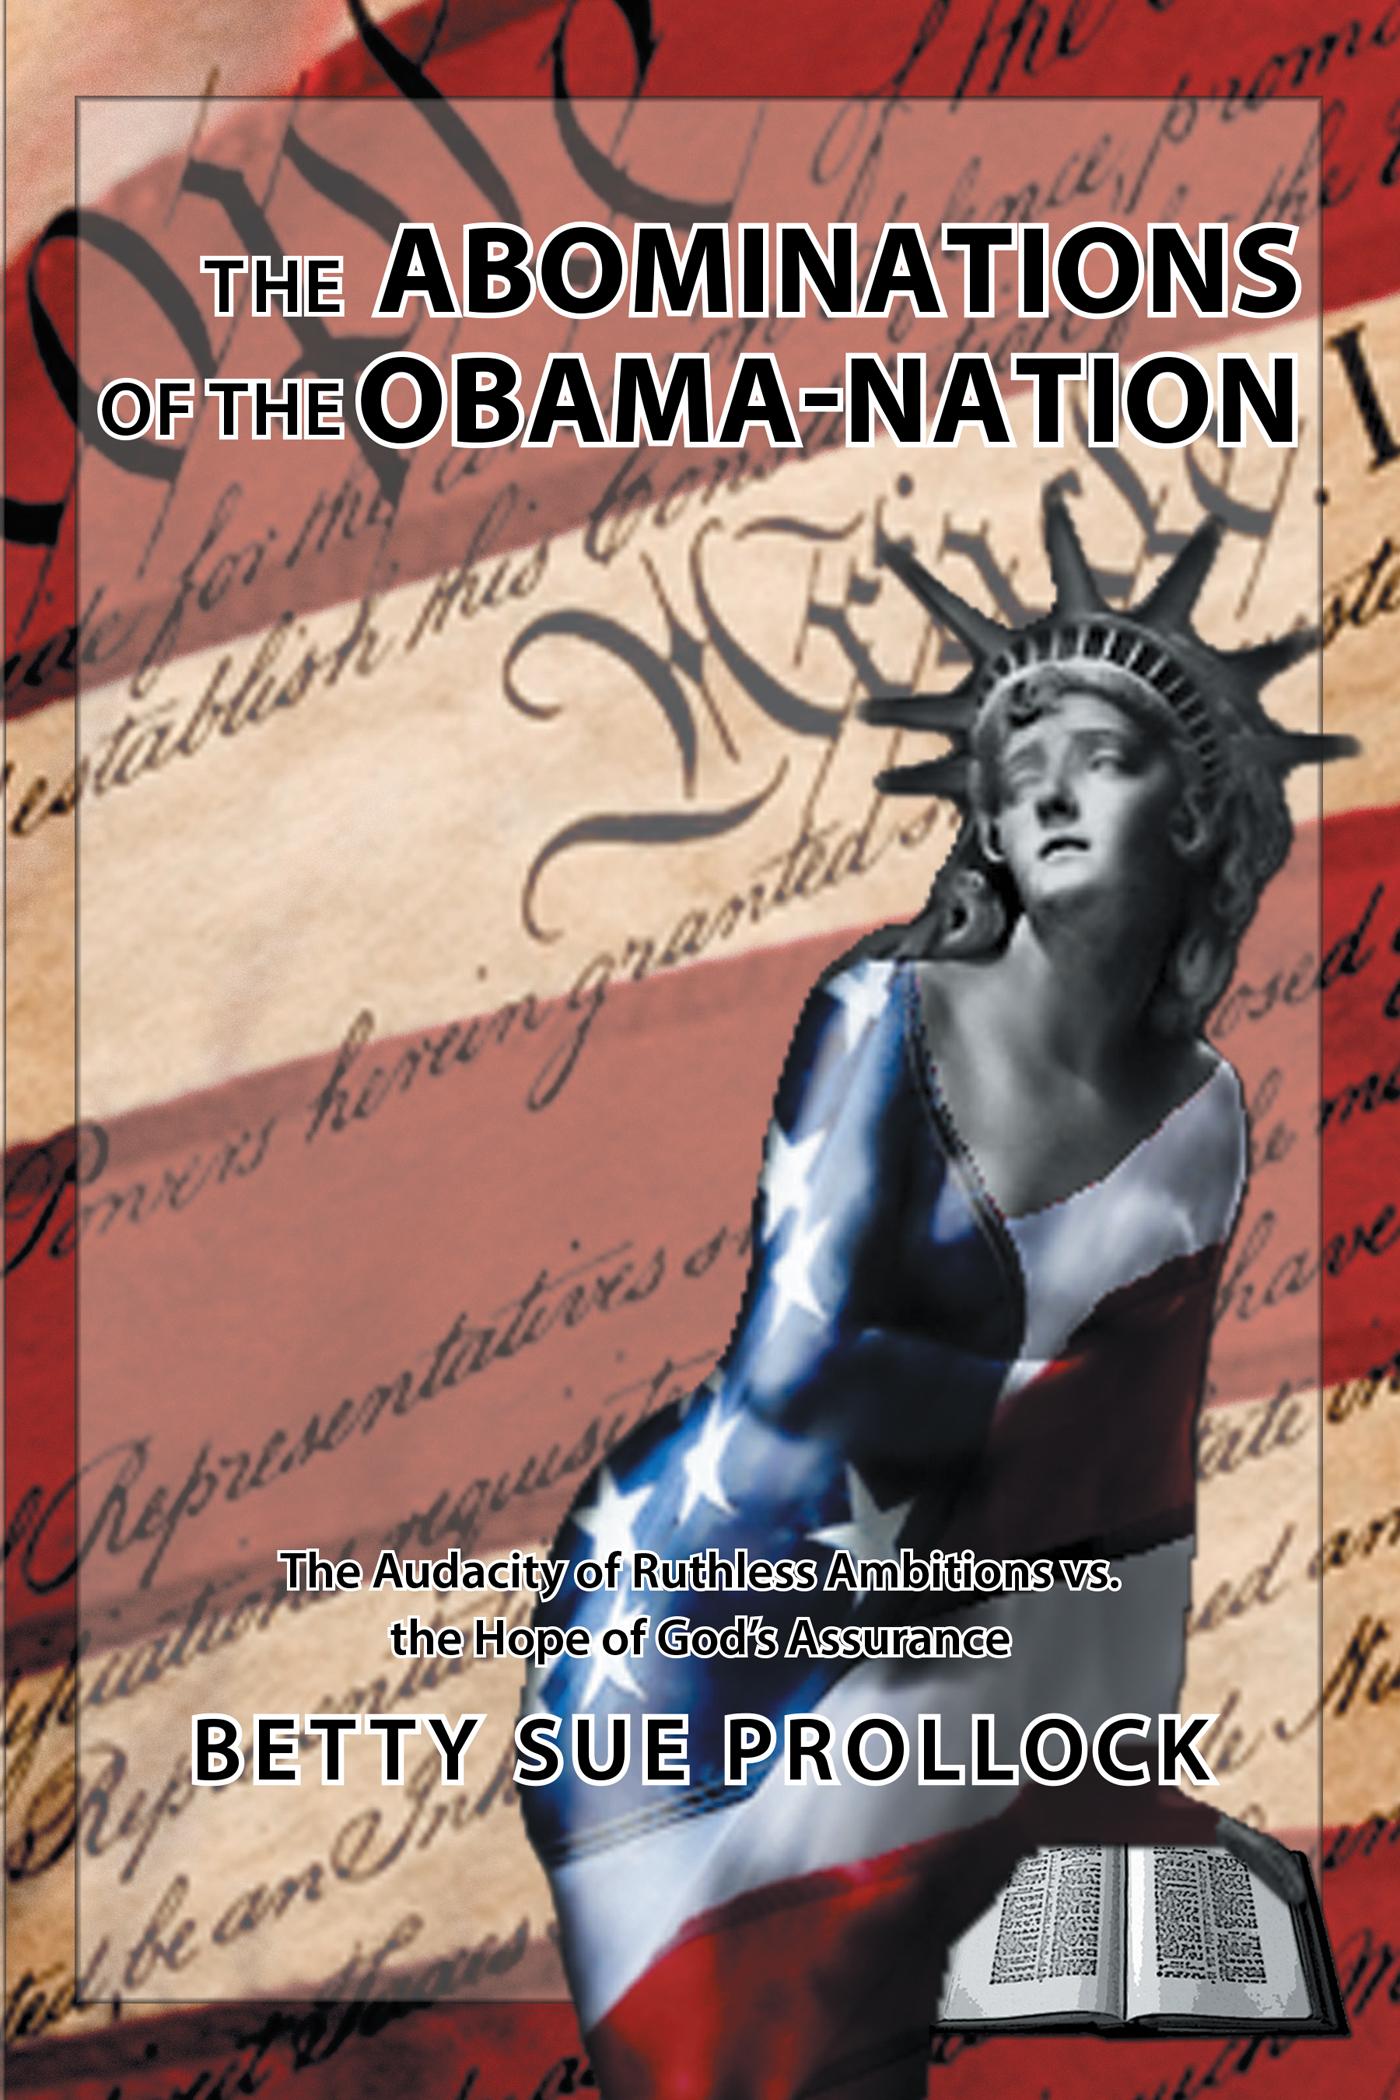 Obama S Audacity Of Ruthless Ambition Not Hope Says Author